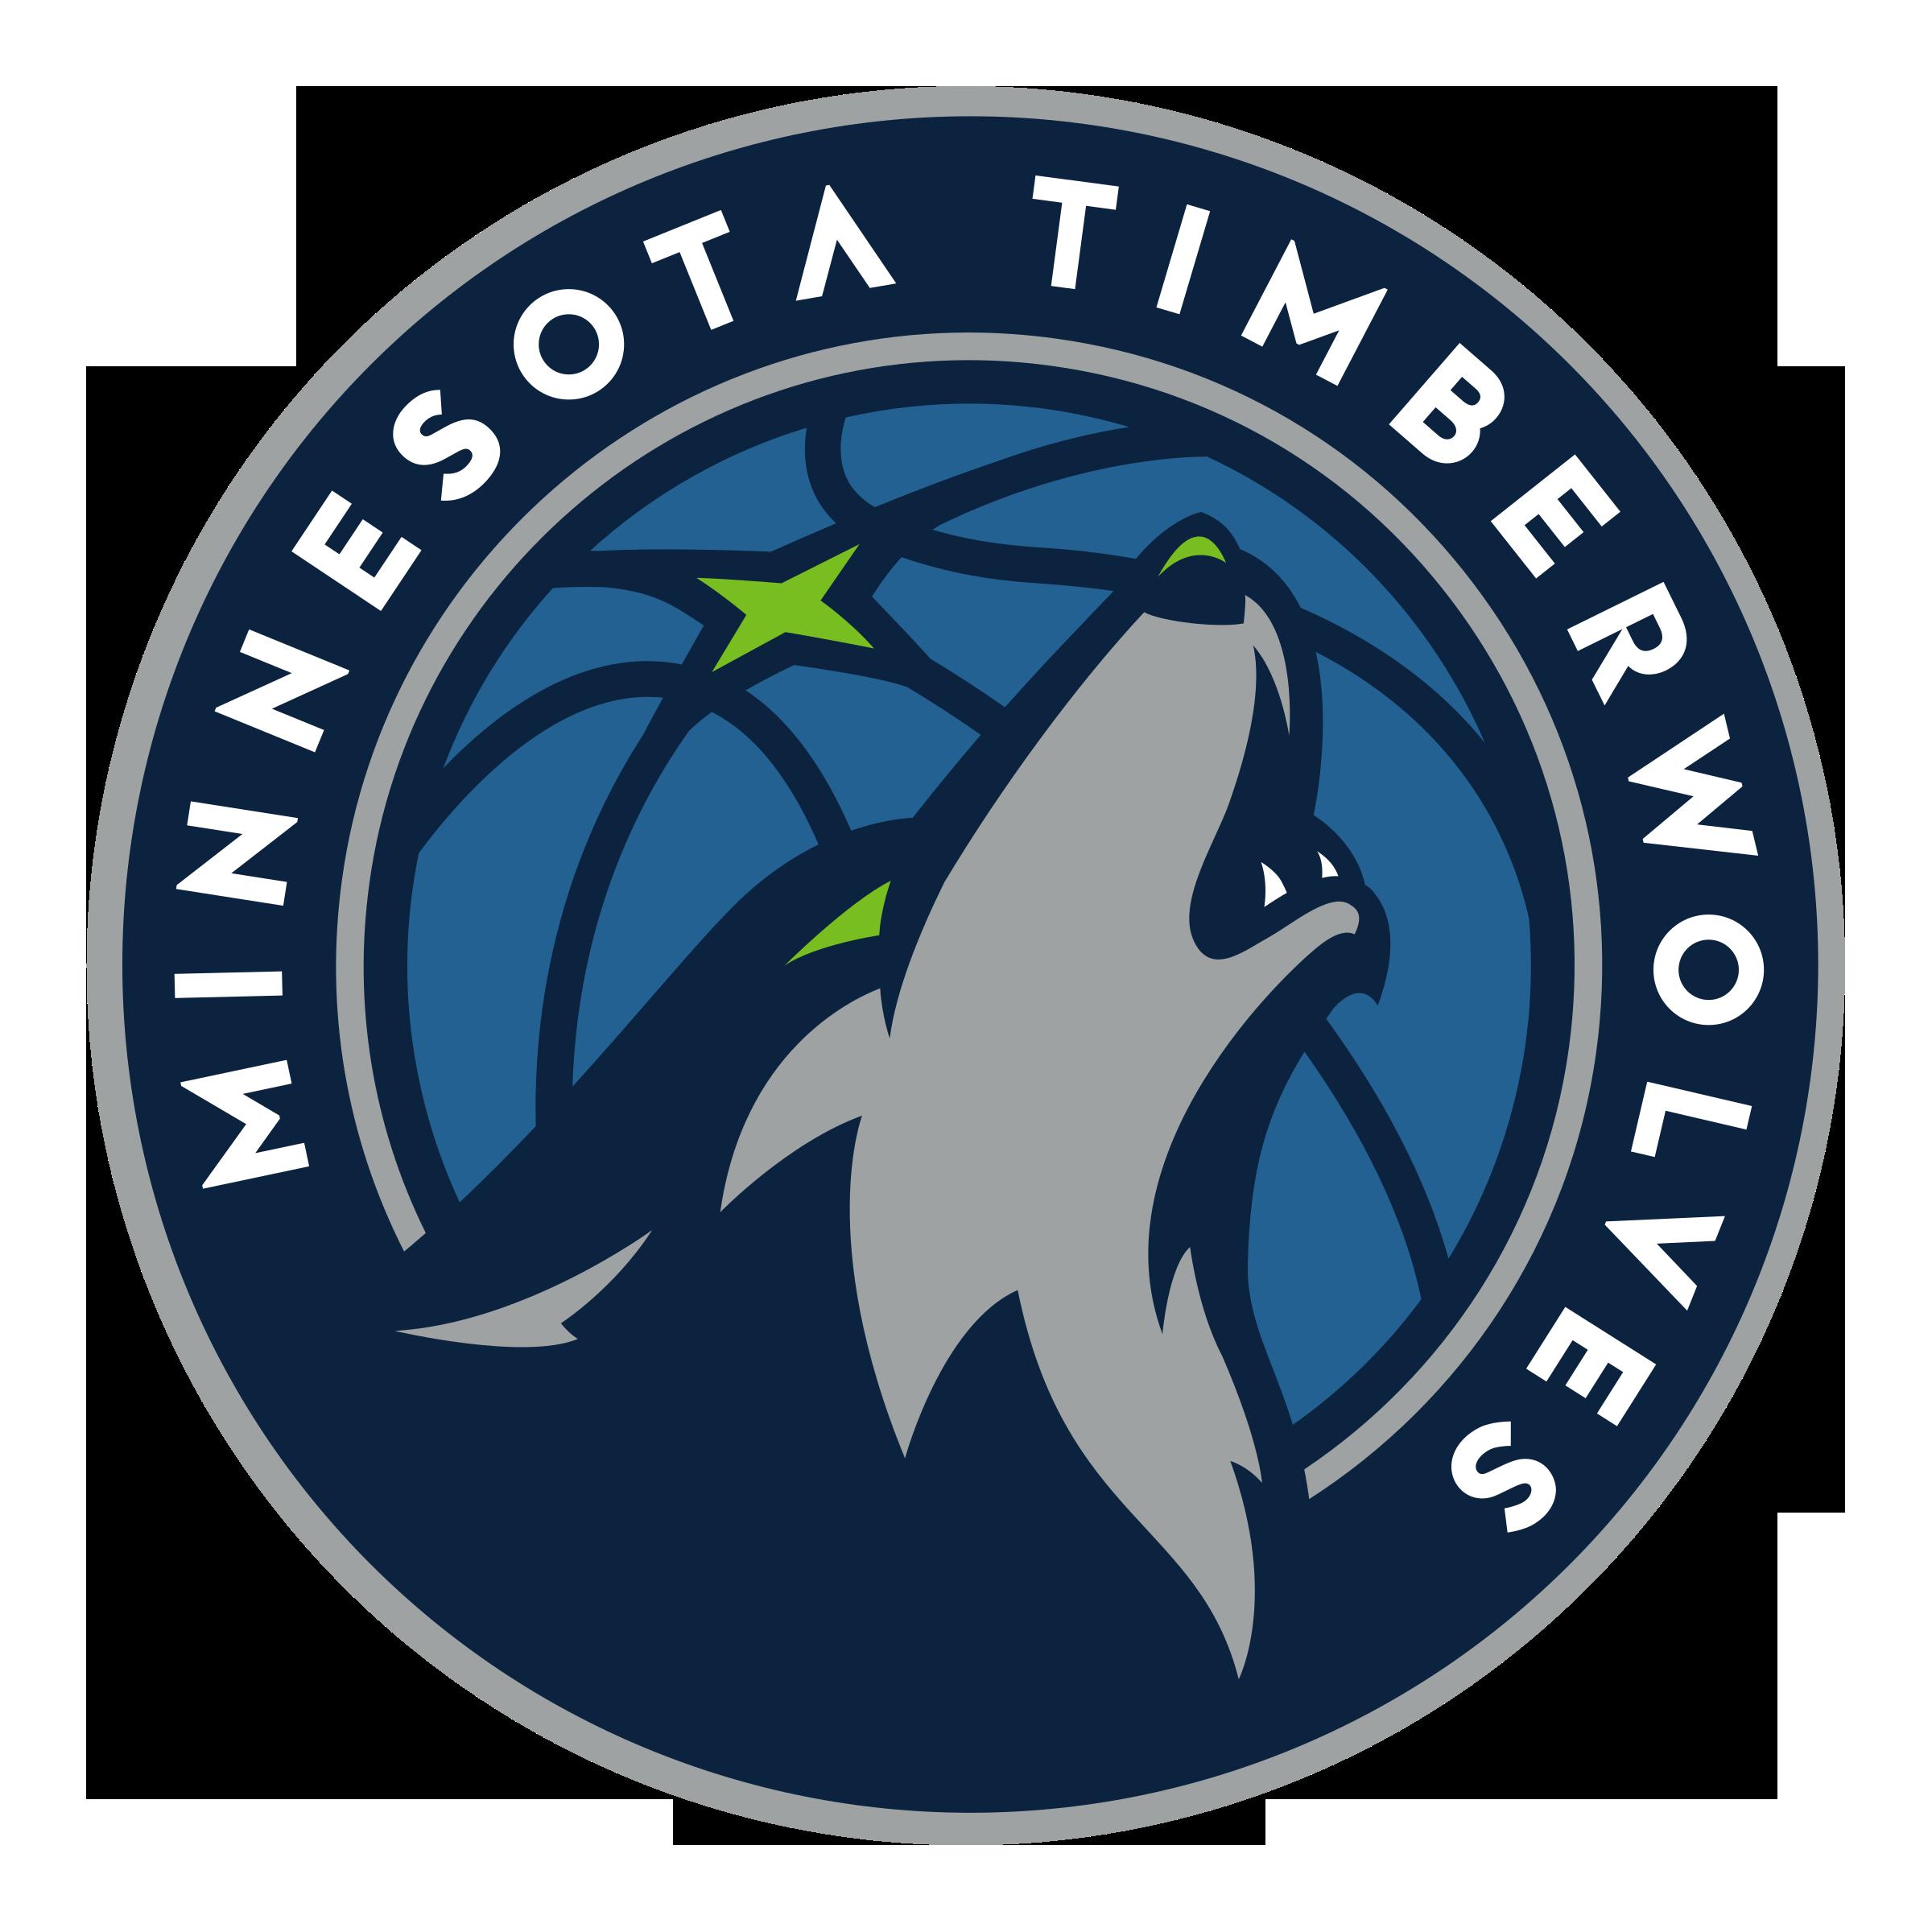 minnesota-timberwolves-logo-transparent